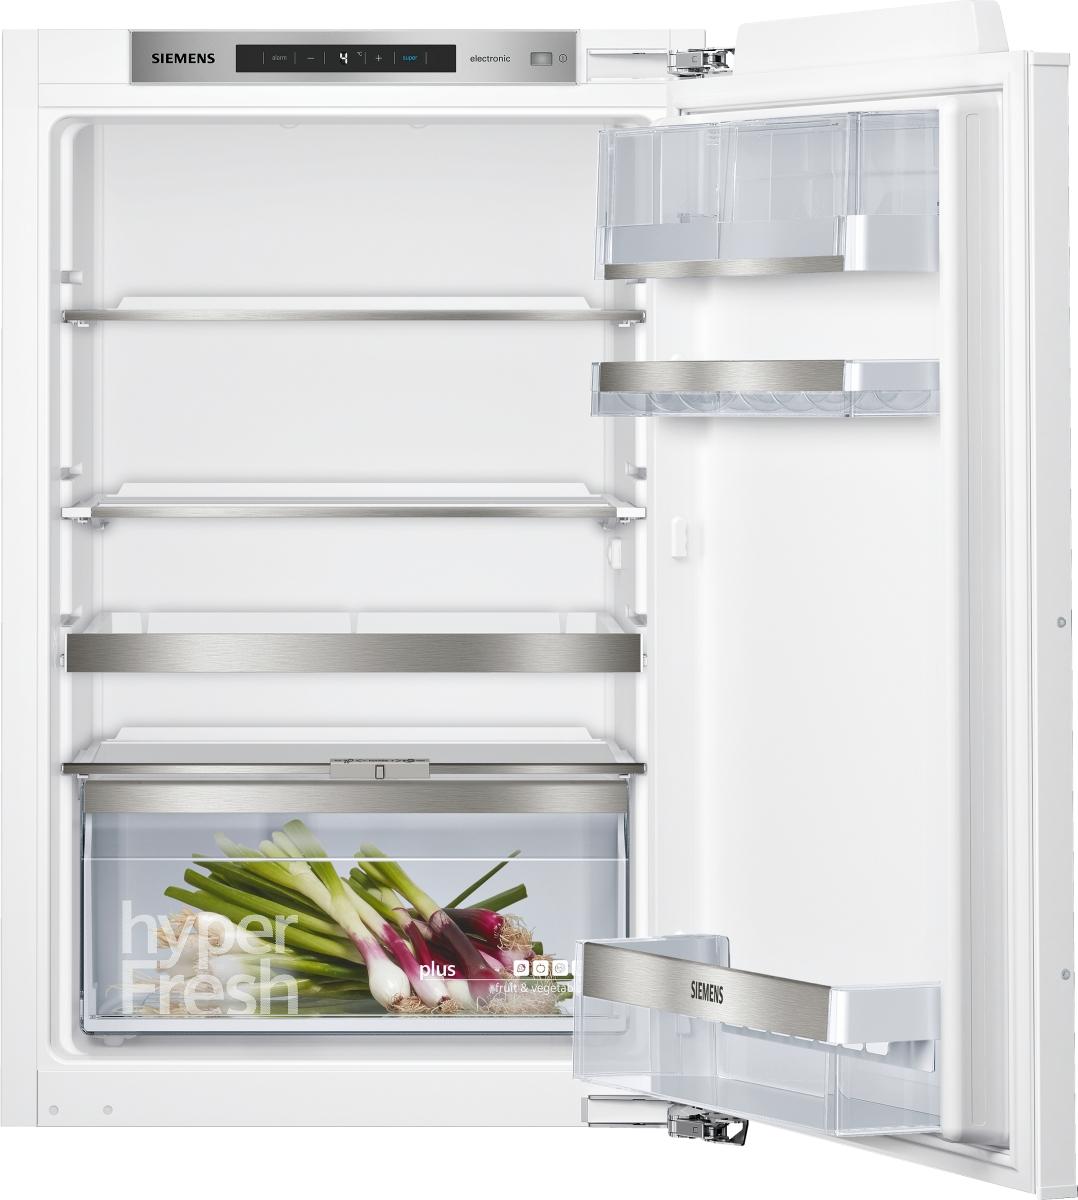 Siemens MKK21RADD0 (KI21RADD0 + KS10Z010) extraKlasse (MK) Einbau Kühlschrank 88 cm Nische